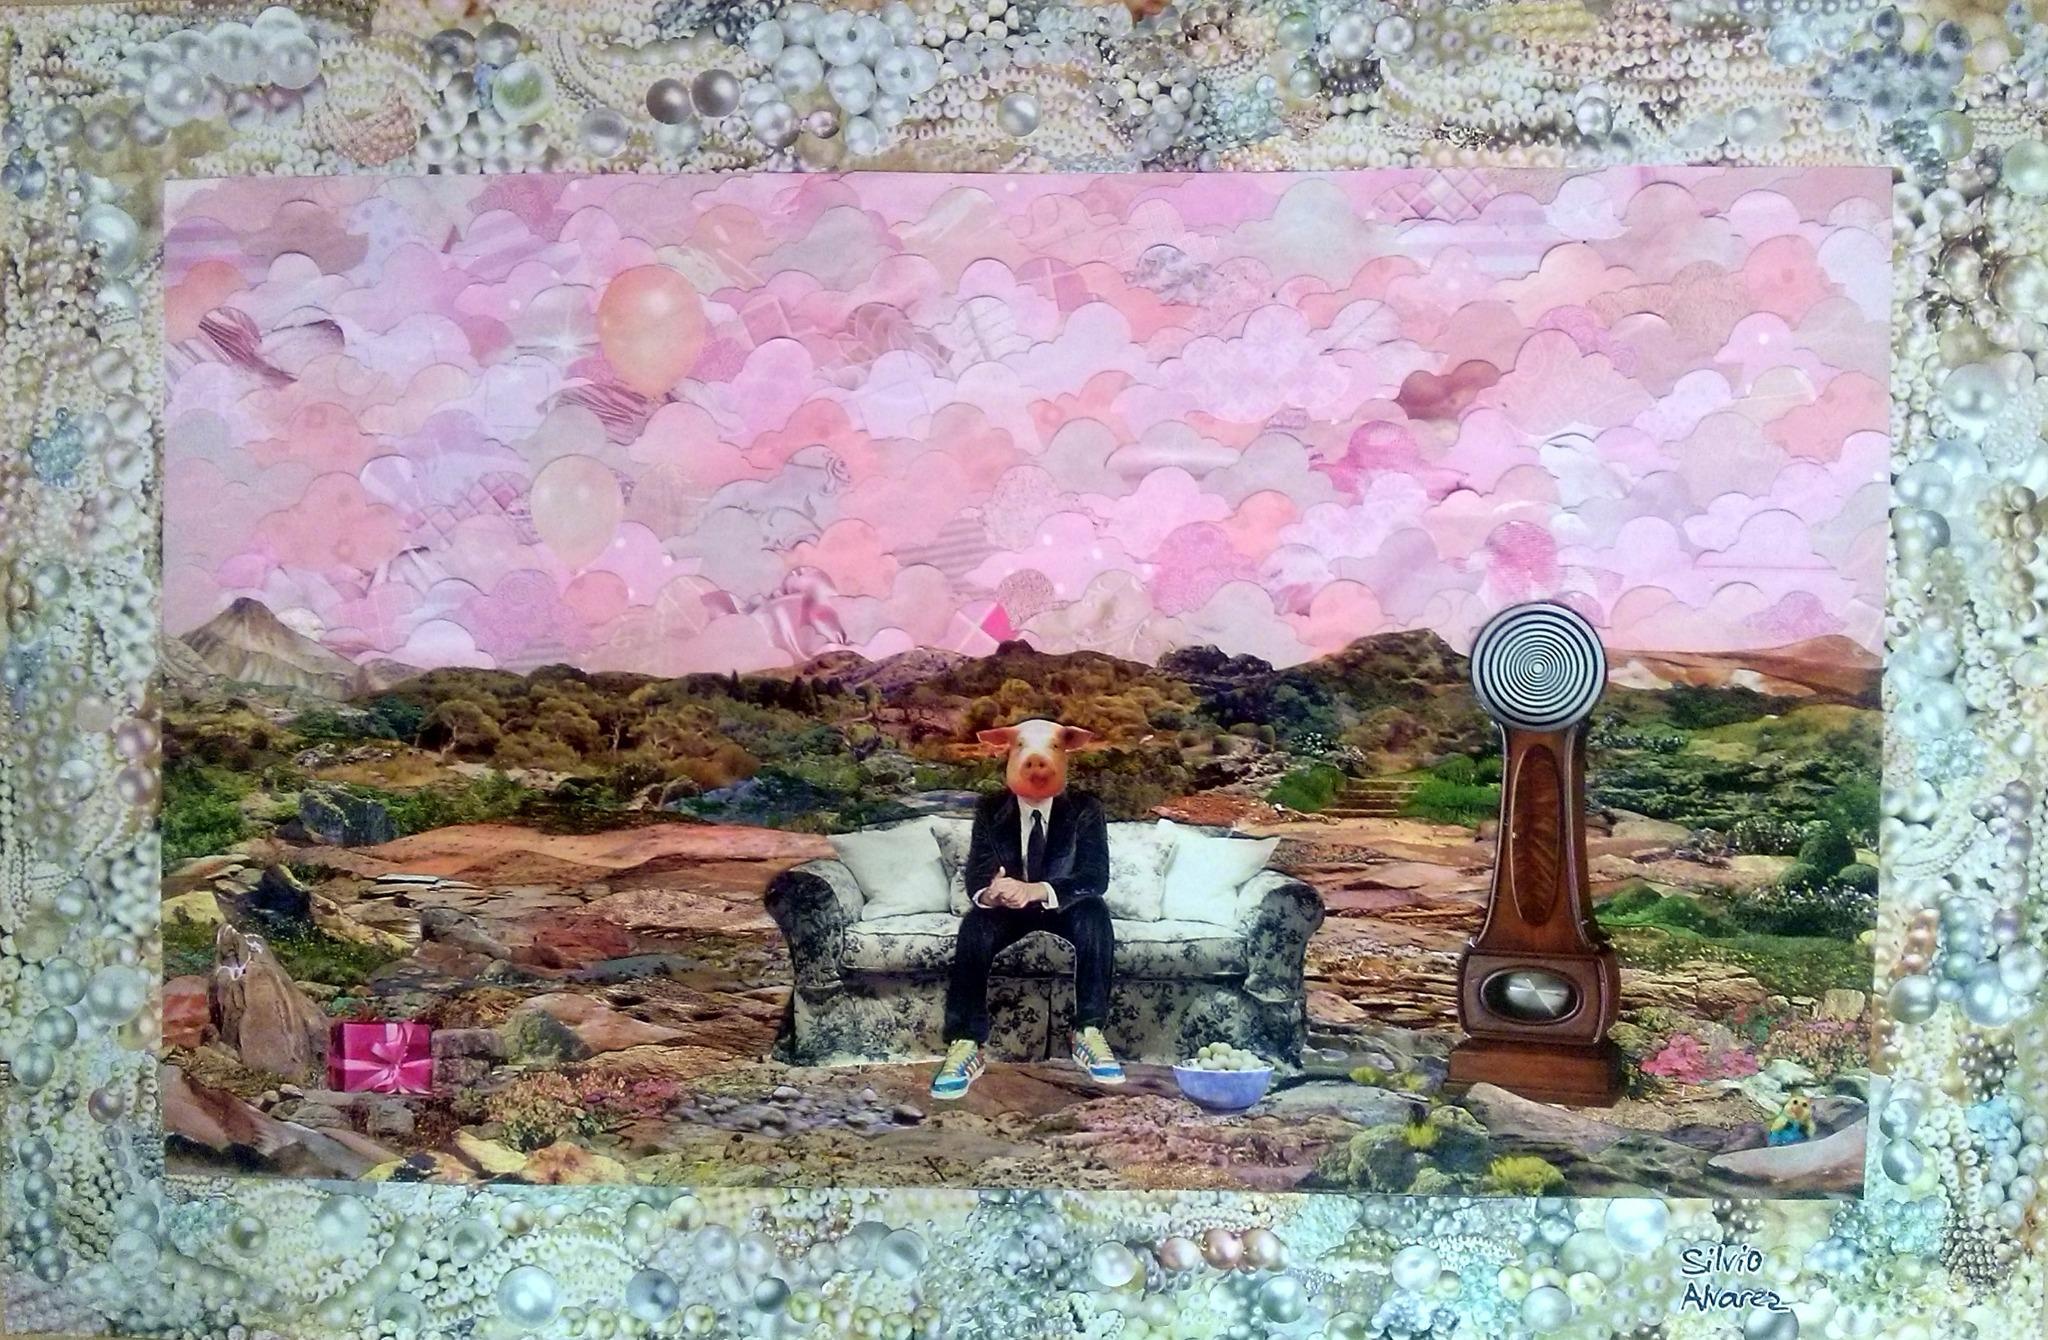 A exposição Colagens de Silvio Alvarez - Conjunto Nacional está chegando! de 12 a 25 de outubro http://t.co/RD0RbZQTyW